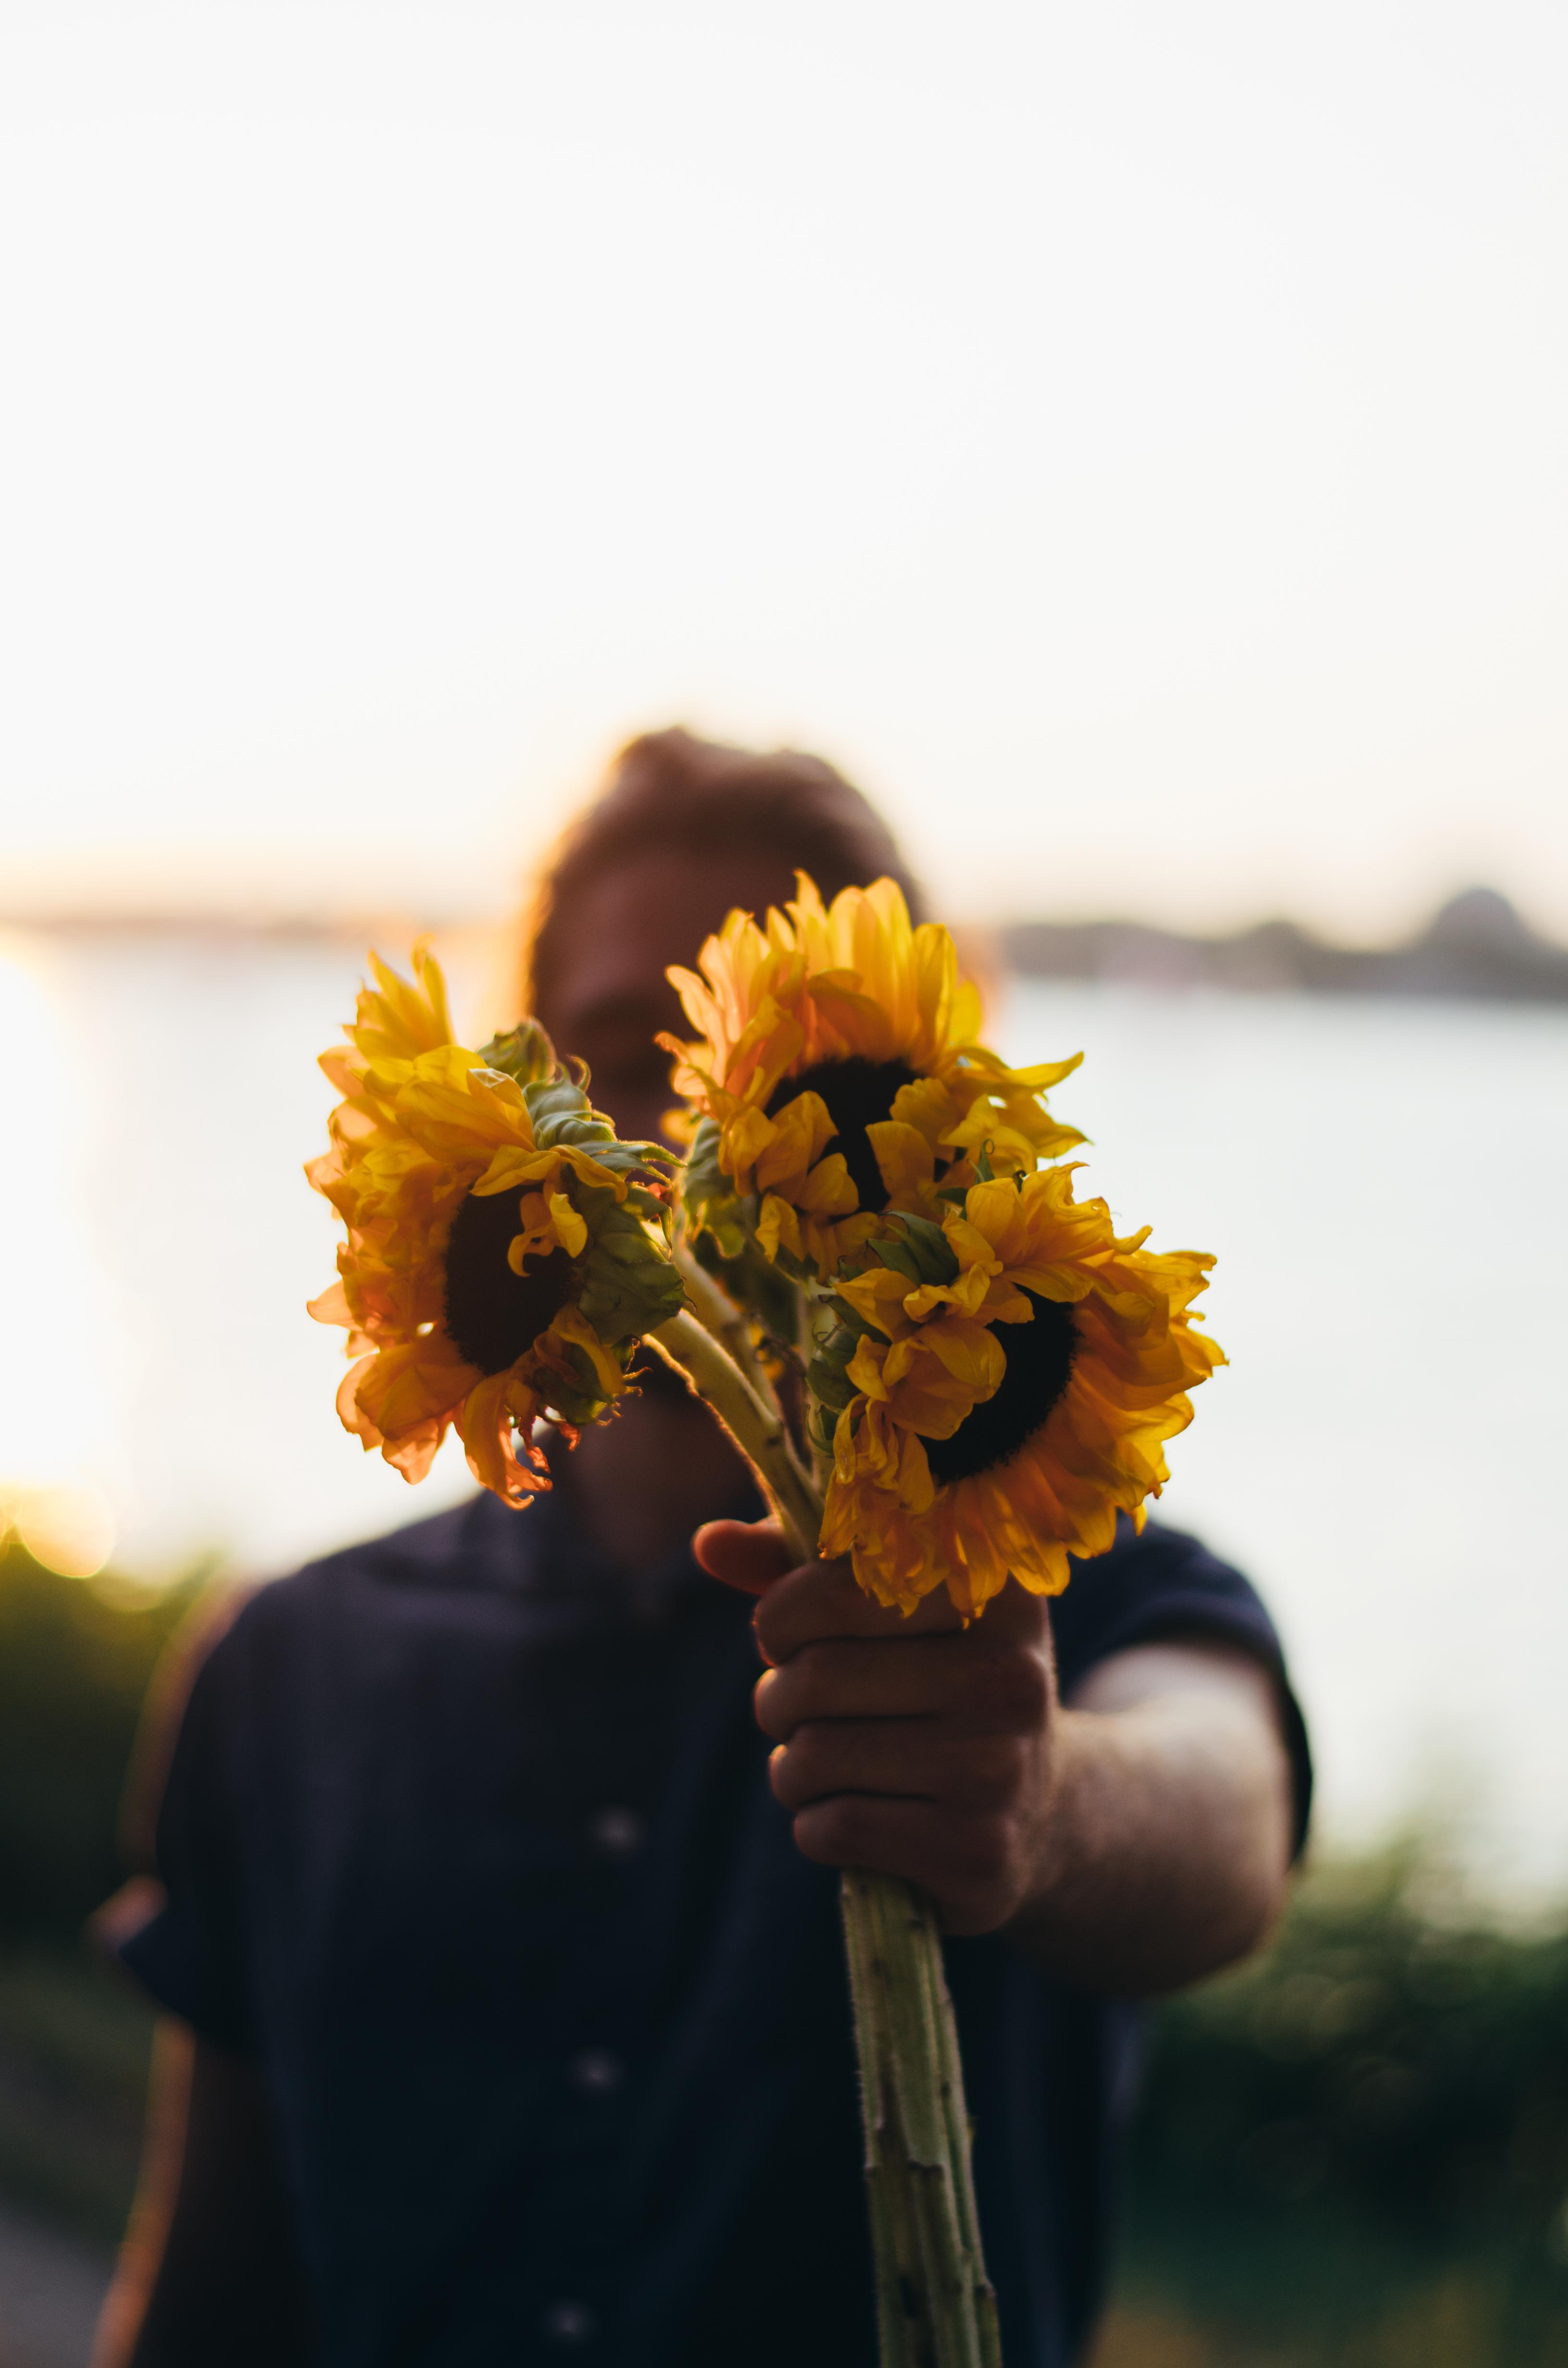 Sunflowers on juliettelaura.blogspot.com